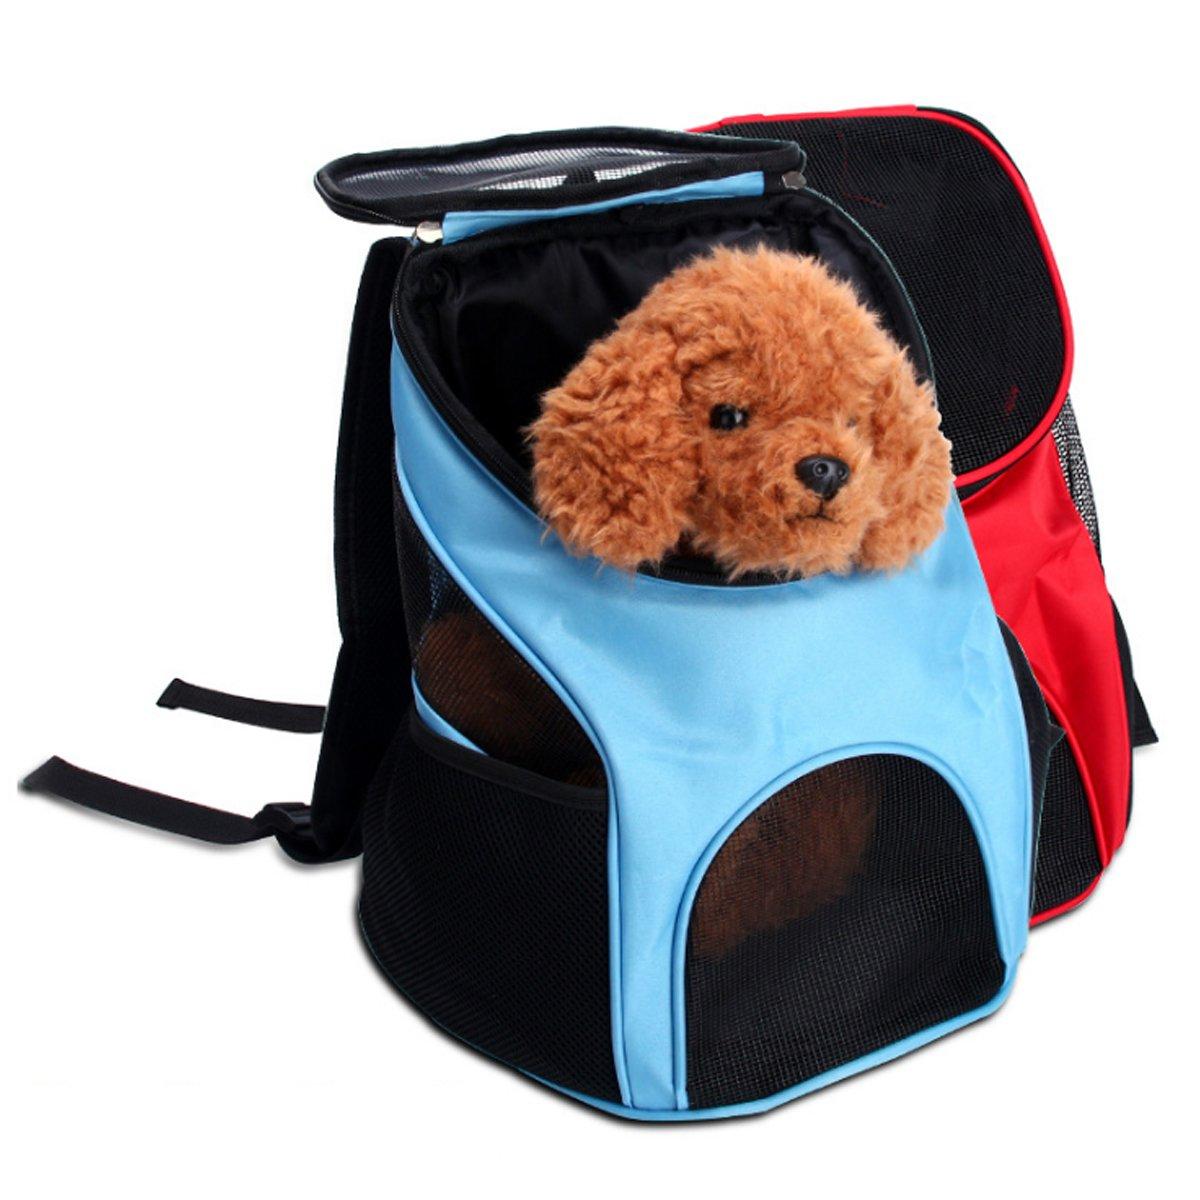 PETCUTE Rucksack f/ür Hunde Tragetasche Transportbox f/ür Kleine hunderucksack wandern hundetragetasche